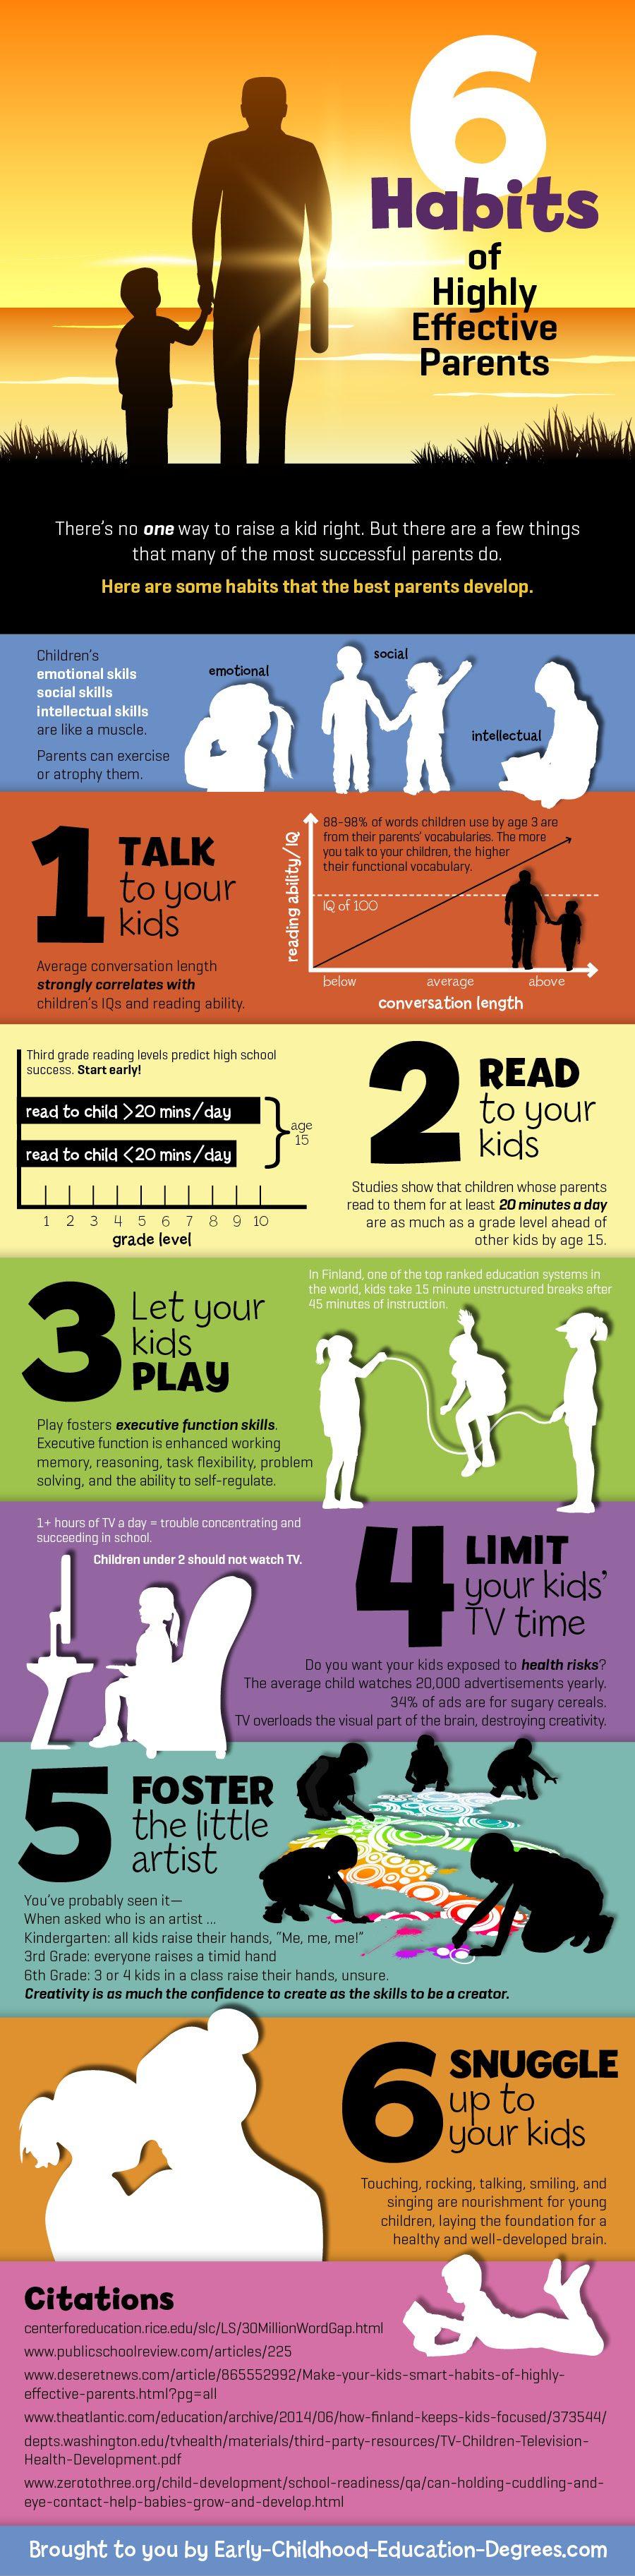 Habits of Effective Parents